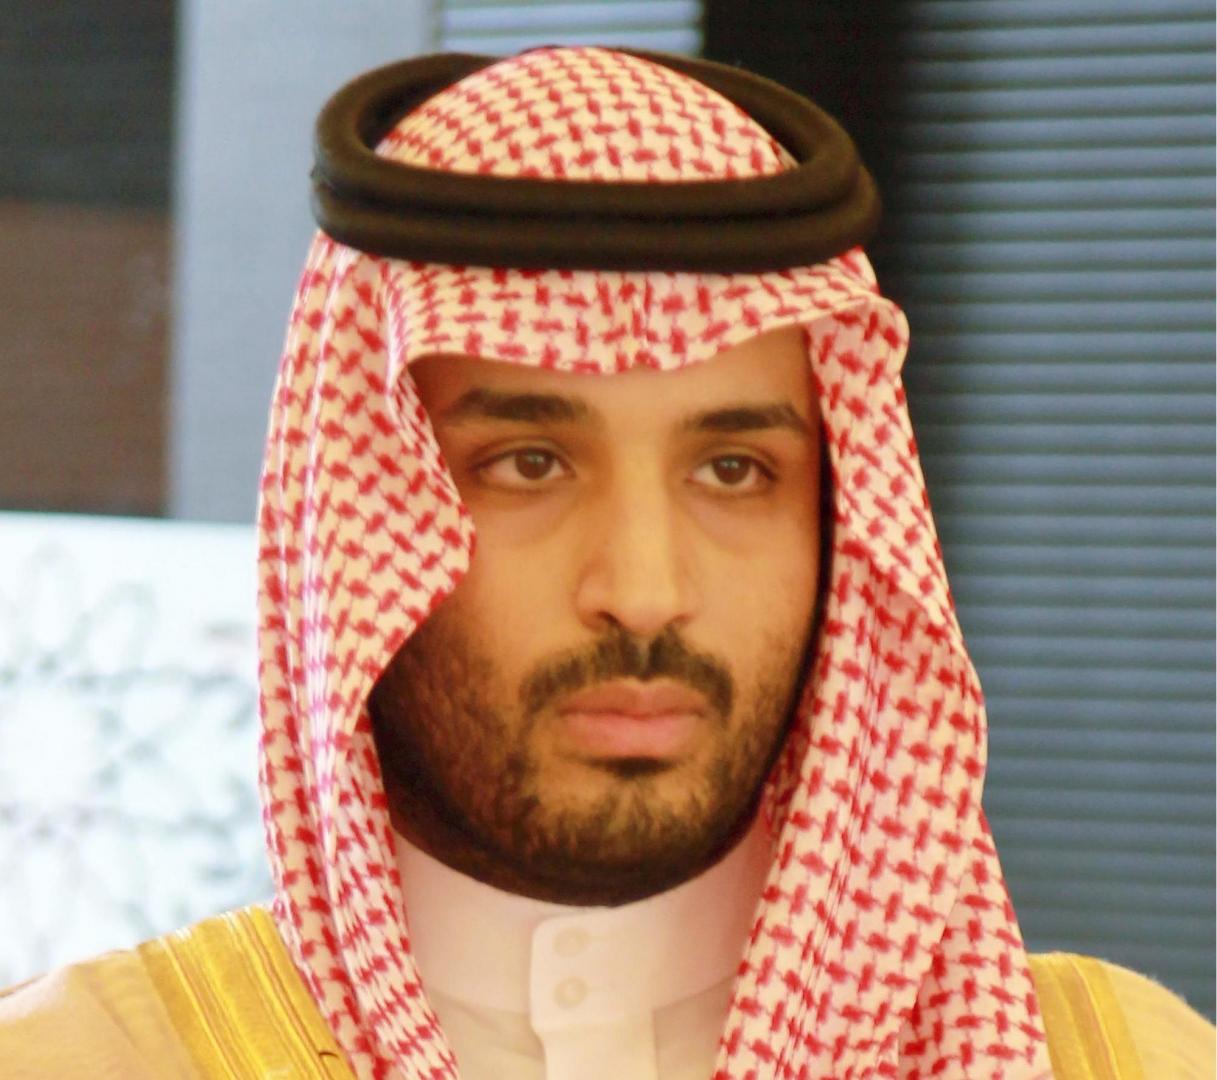 Министр обороны саудовской аравии квартиры в дубае аренду